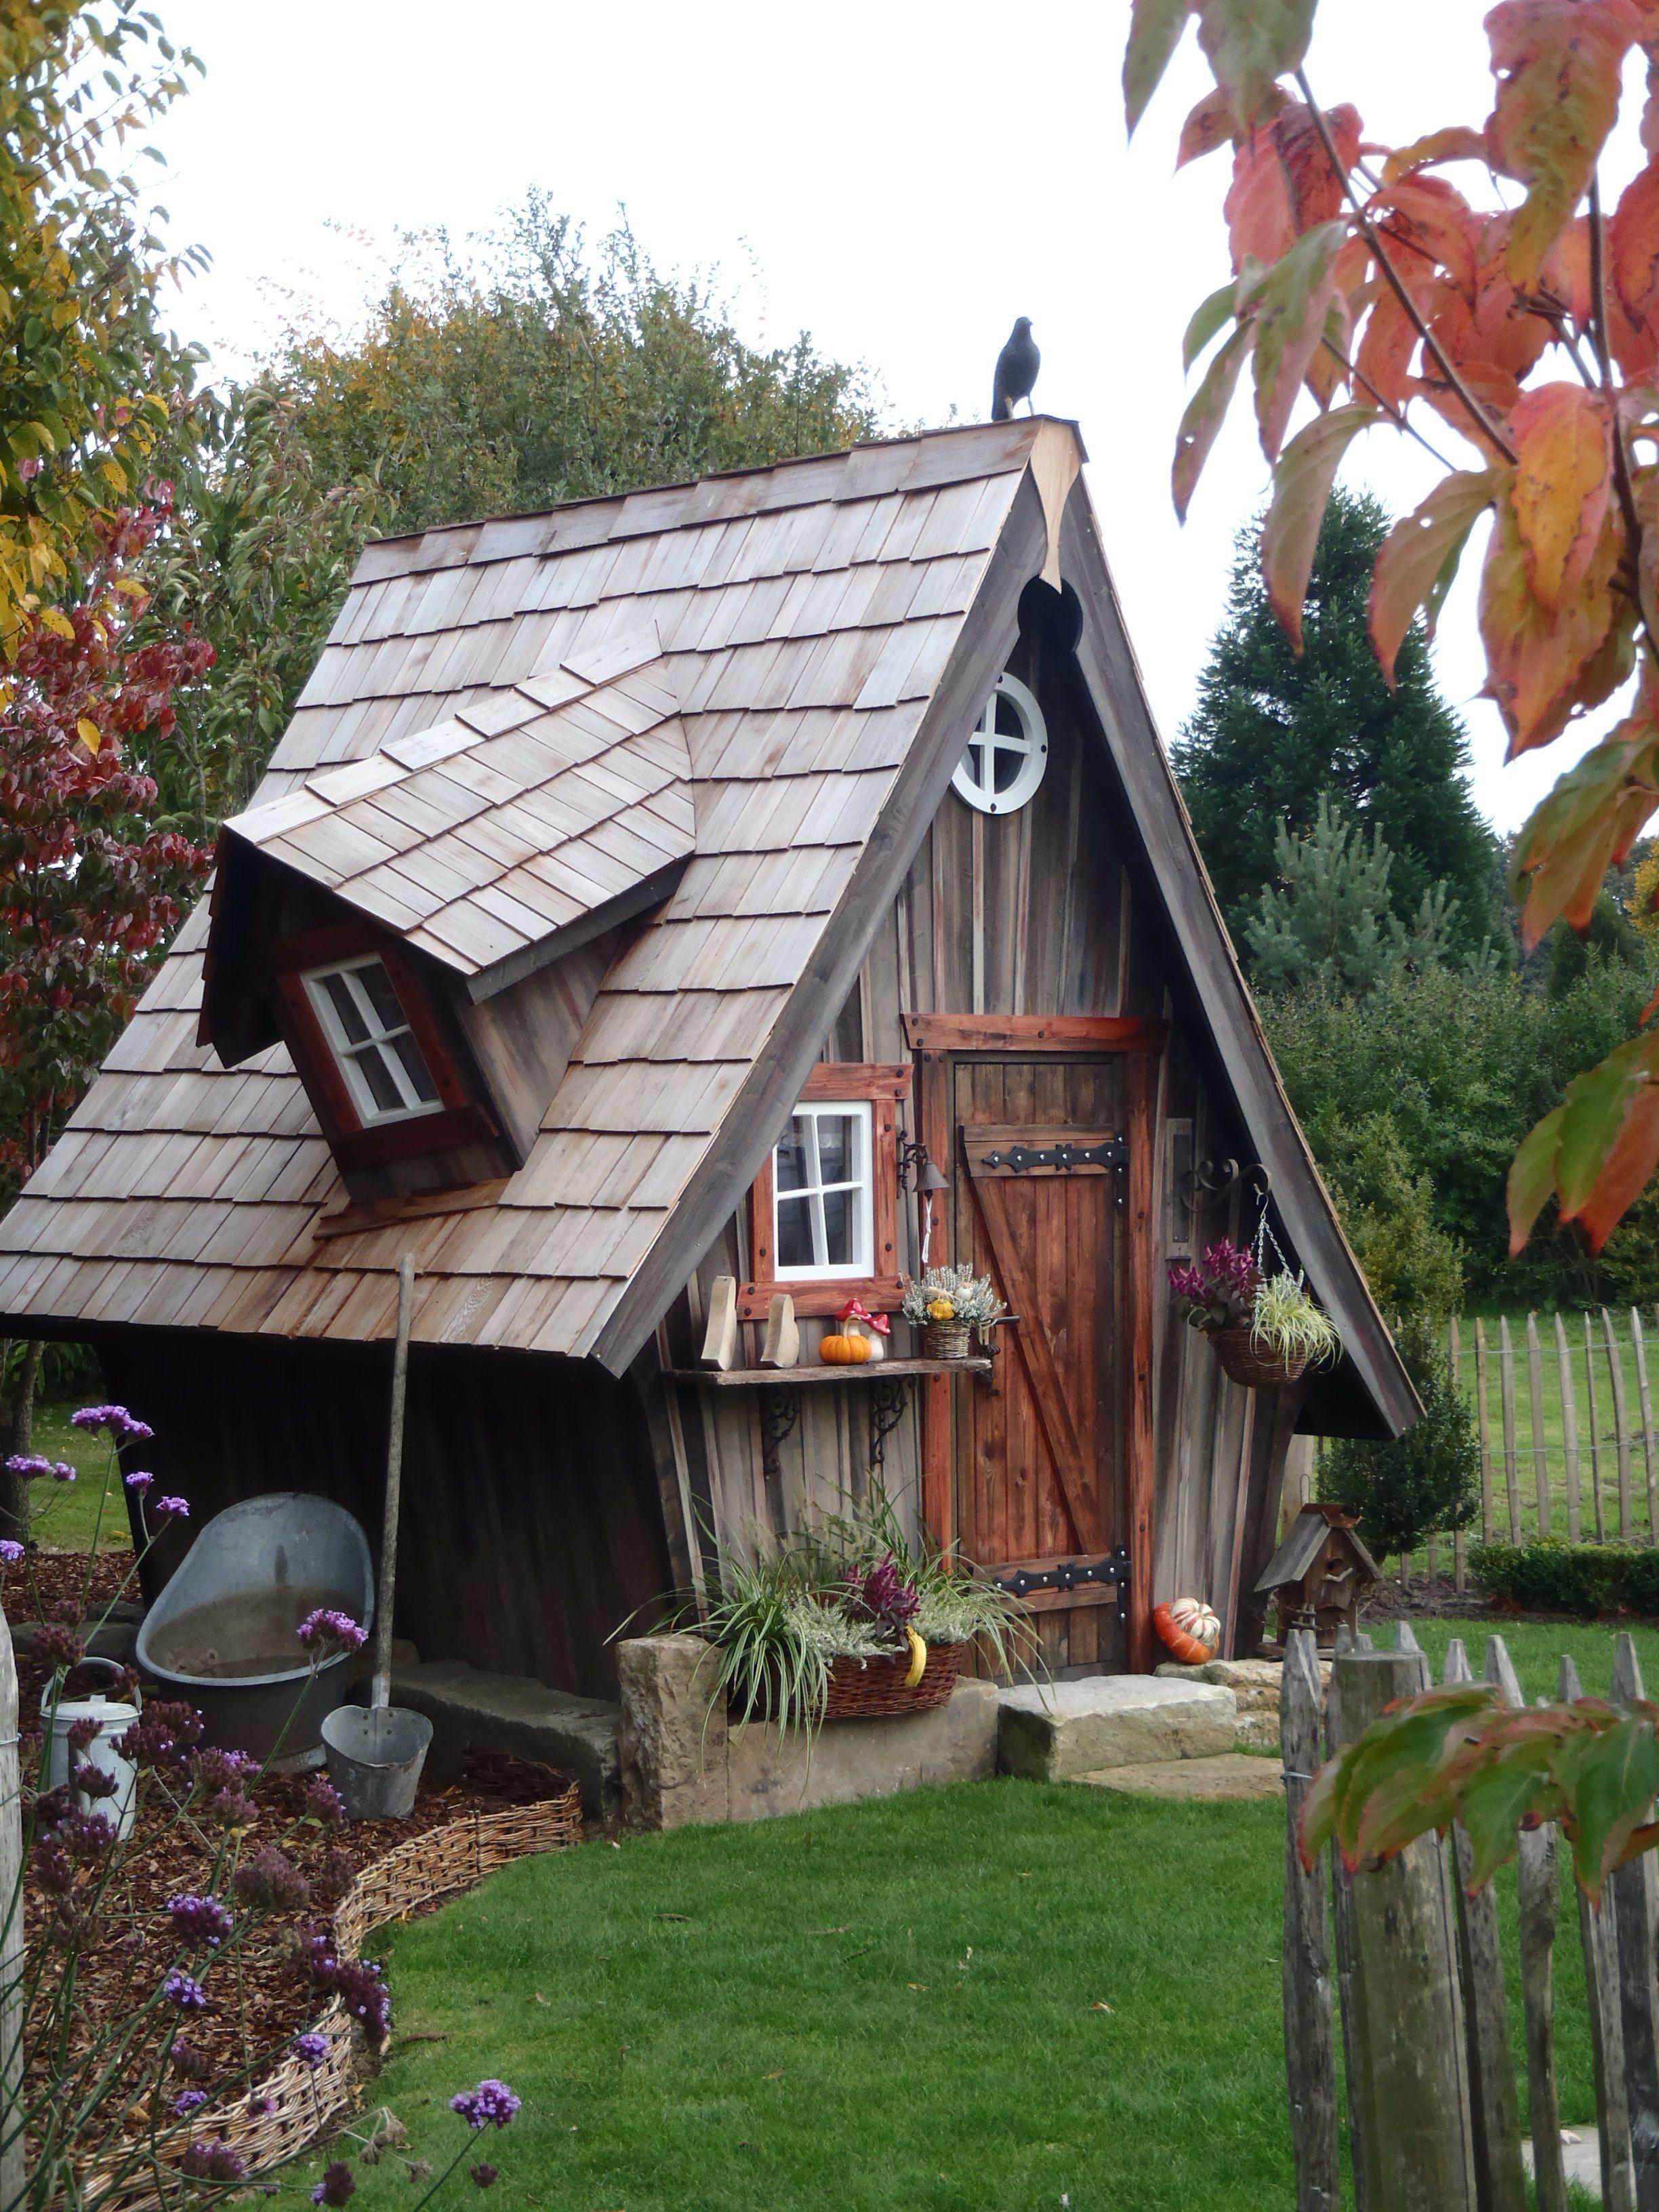 hexenhaus für garten storybook house - märchenhaus von lieblingsplatz-home.de